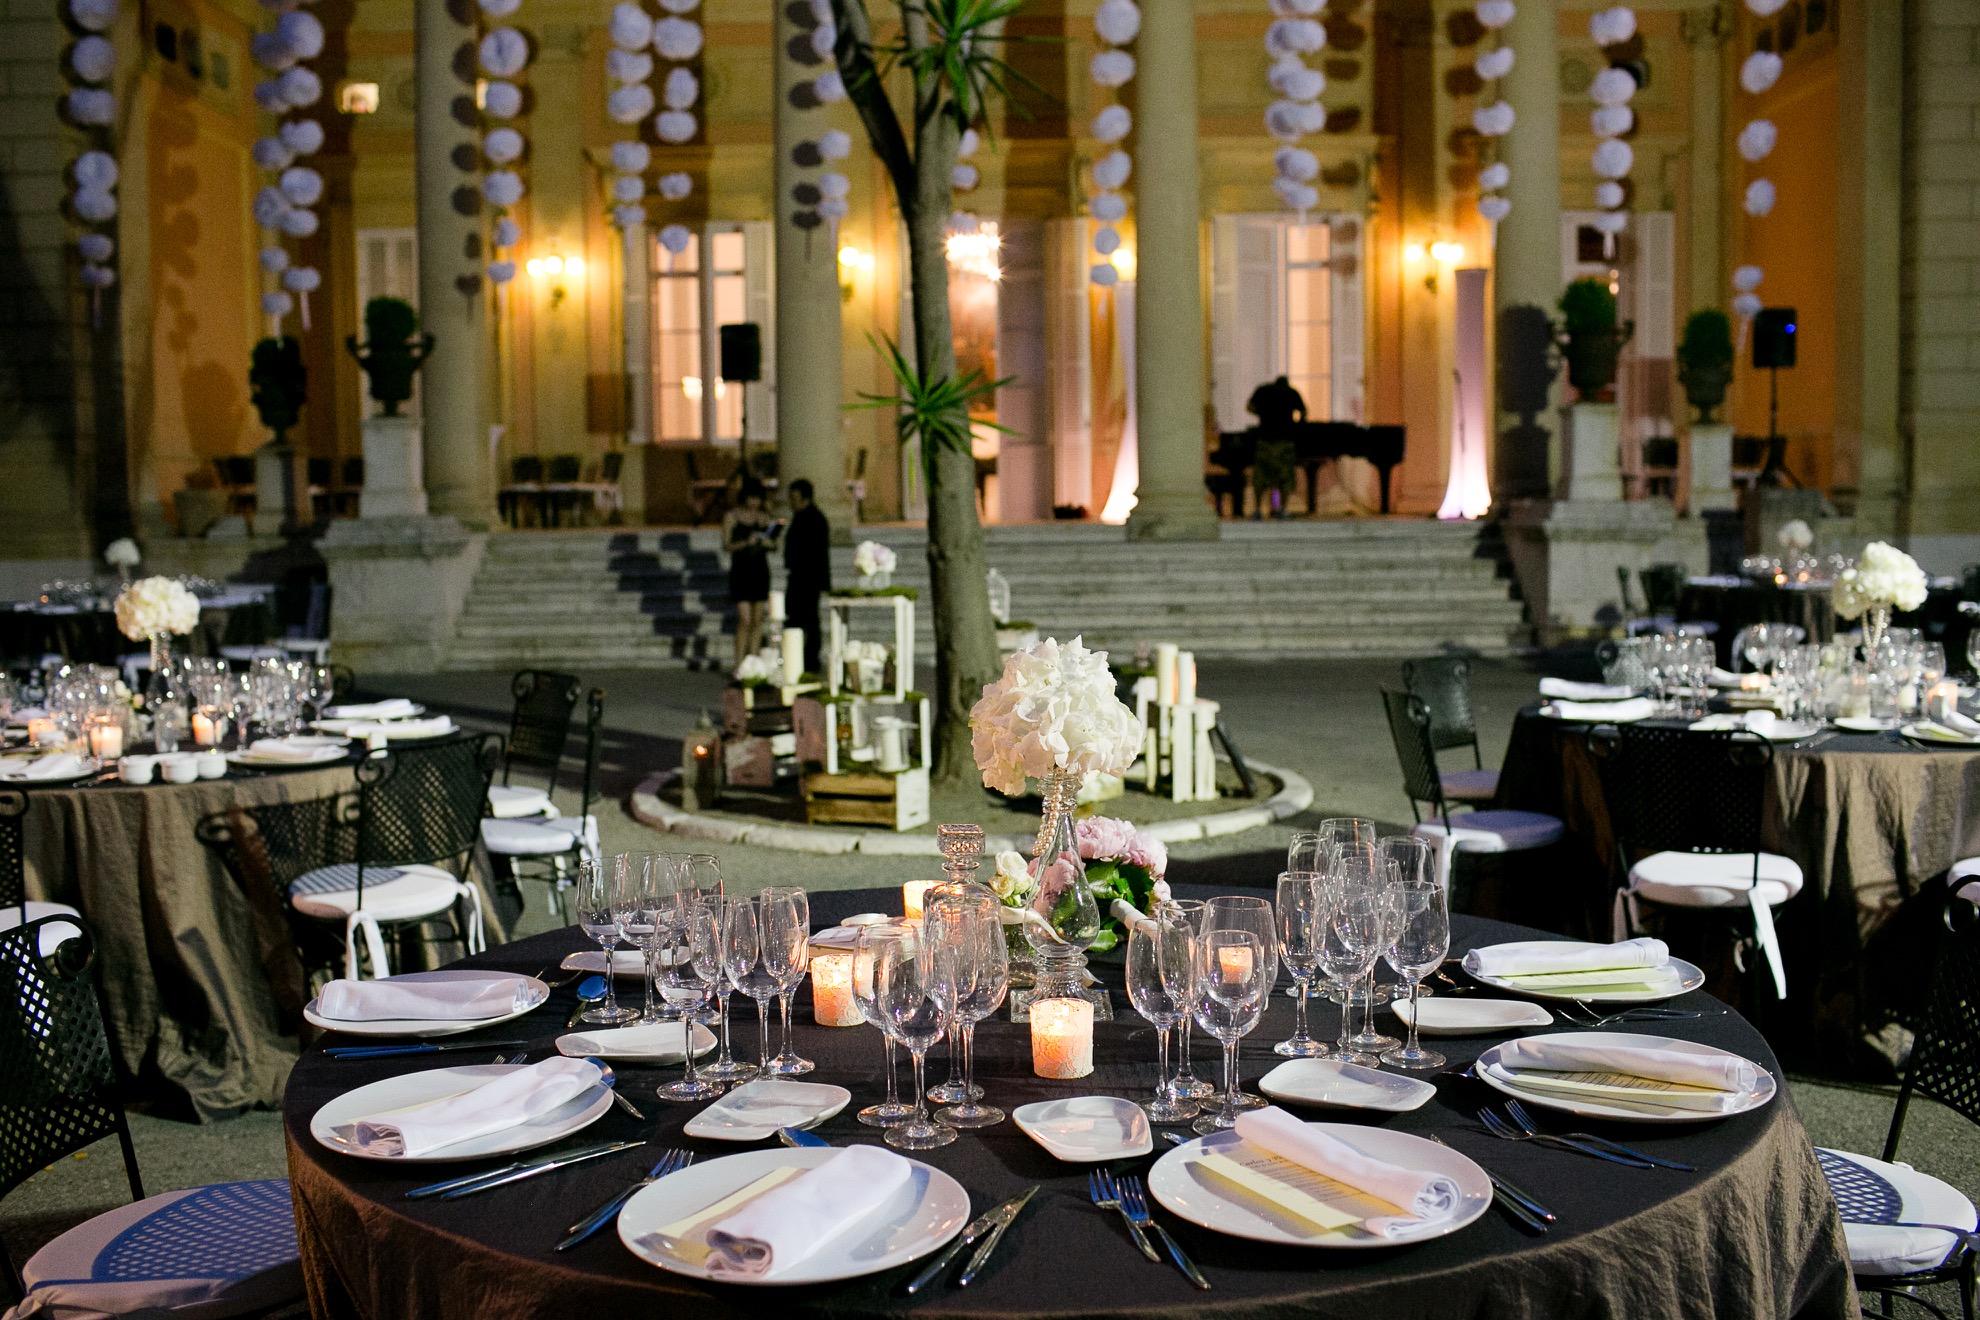 Si-Quiero-Wedding-Planner-By-Sira-Antequera-Bodas-Málaga-Marbella-Miami- Paola-Carlos-299